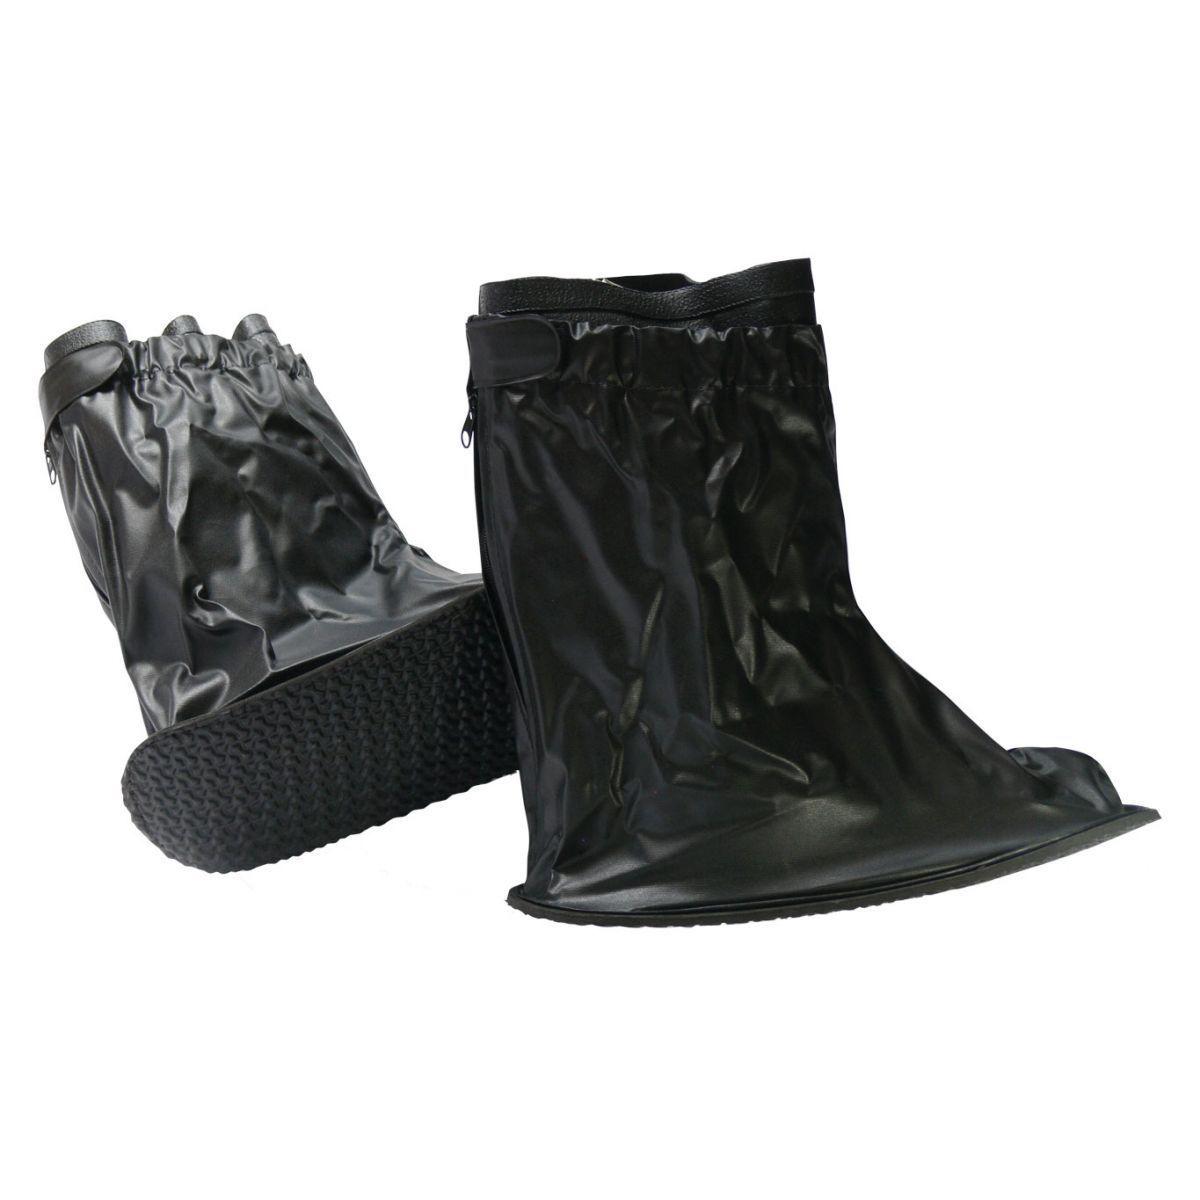 Protetor de Calçado para Chuva Piraval Polaina